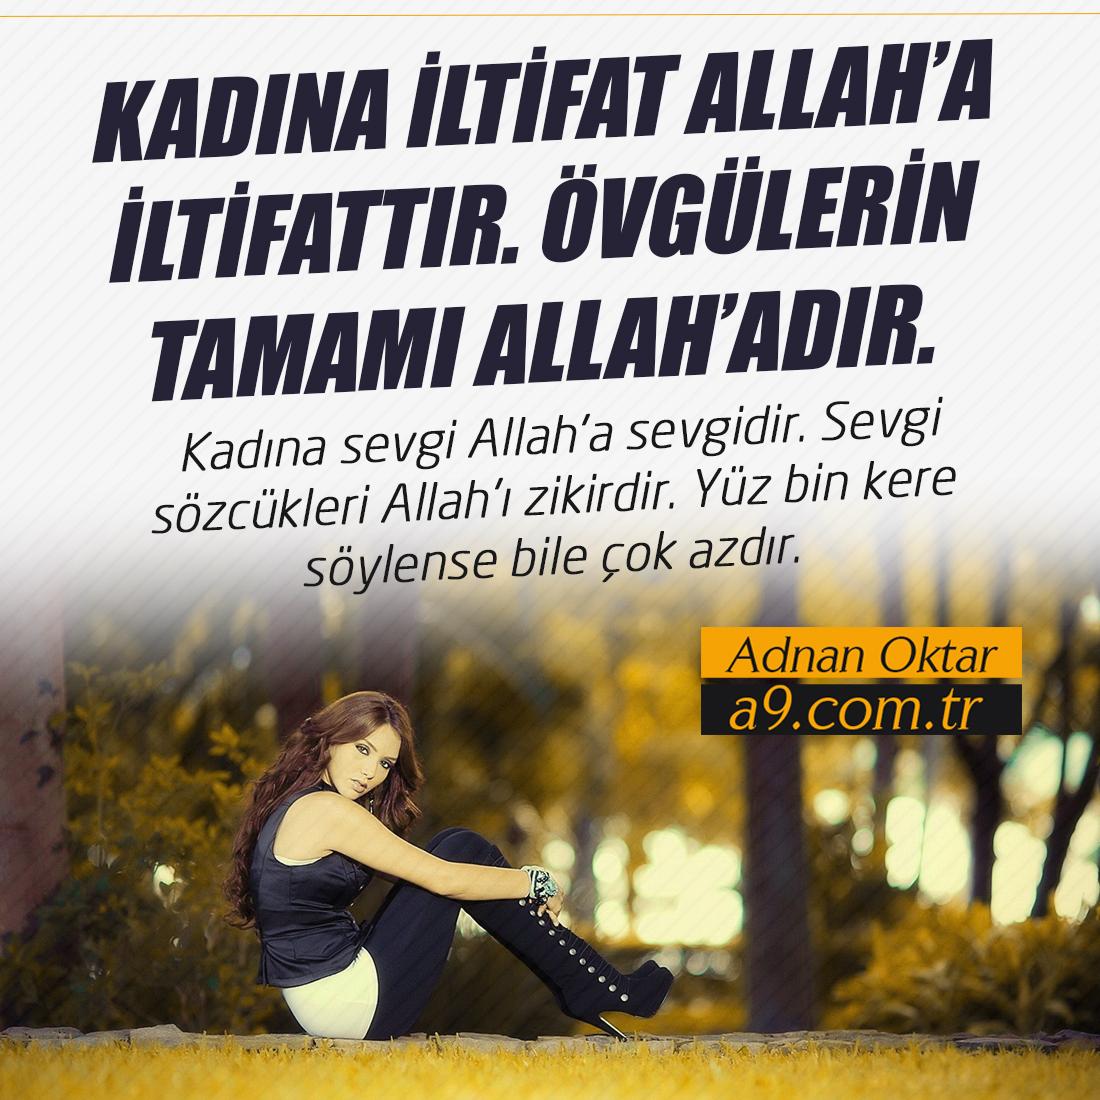 """<table style=""""width: 100%;""""><tr><td style=""""vertical-align: middle;"""">Kadına iltifat Allah'a iltifattır. Övgülerin tamamı Allah'adır. Kadına sevgi Allah'a sevgidir. Sevgi sözcükleri Allah'ı zikirdir. Yüz bin kere söylense bile çok azdır.</td><td style=""""max-width: 70px;vertical-align: middle;""""> <a href=""""/downloadquote.php?filename=151254007736.jpg""""><img class=""""hoversaturate"""" height=""""20px"""" src=""""/assets/images/download-iconu.png"""" style=""""width: 48px; height: 48px;"""" title=""""Resmi İndir""""/></a></td></tr></table>"""